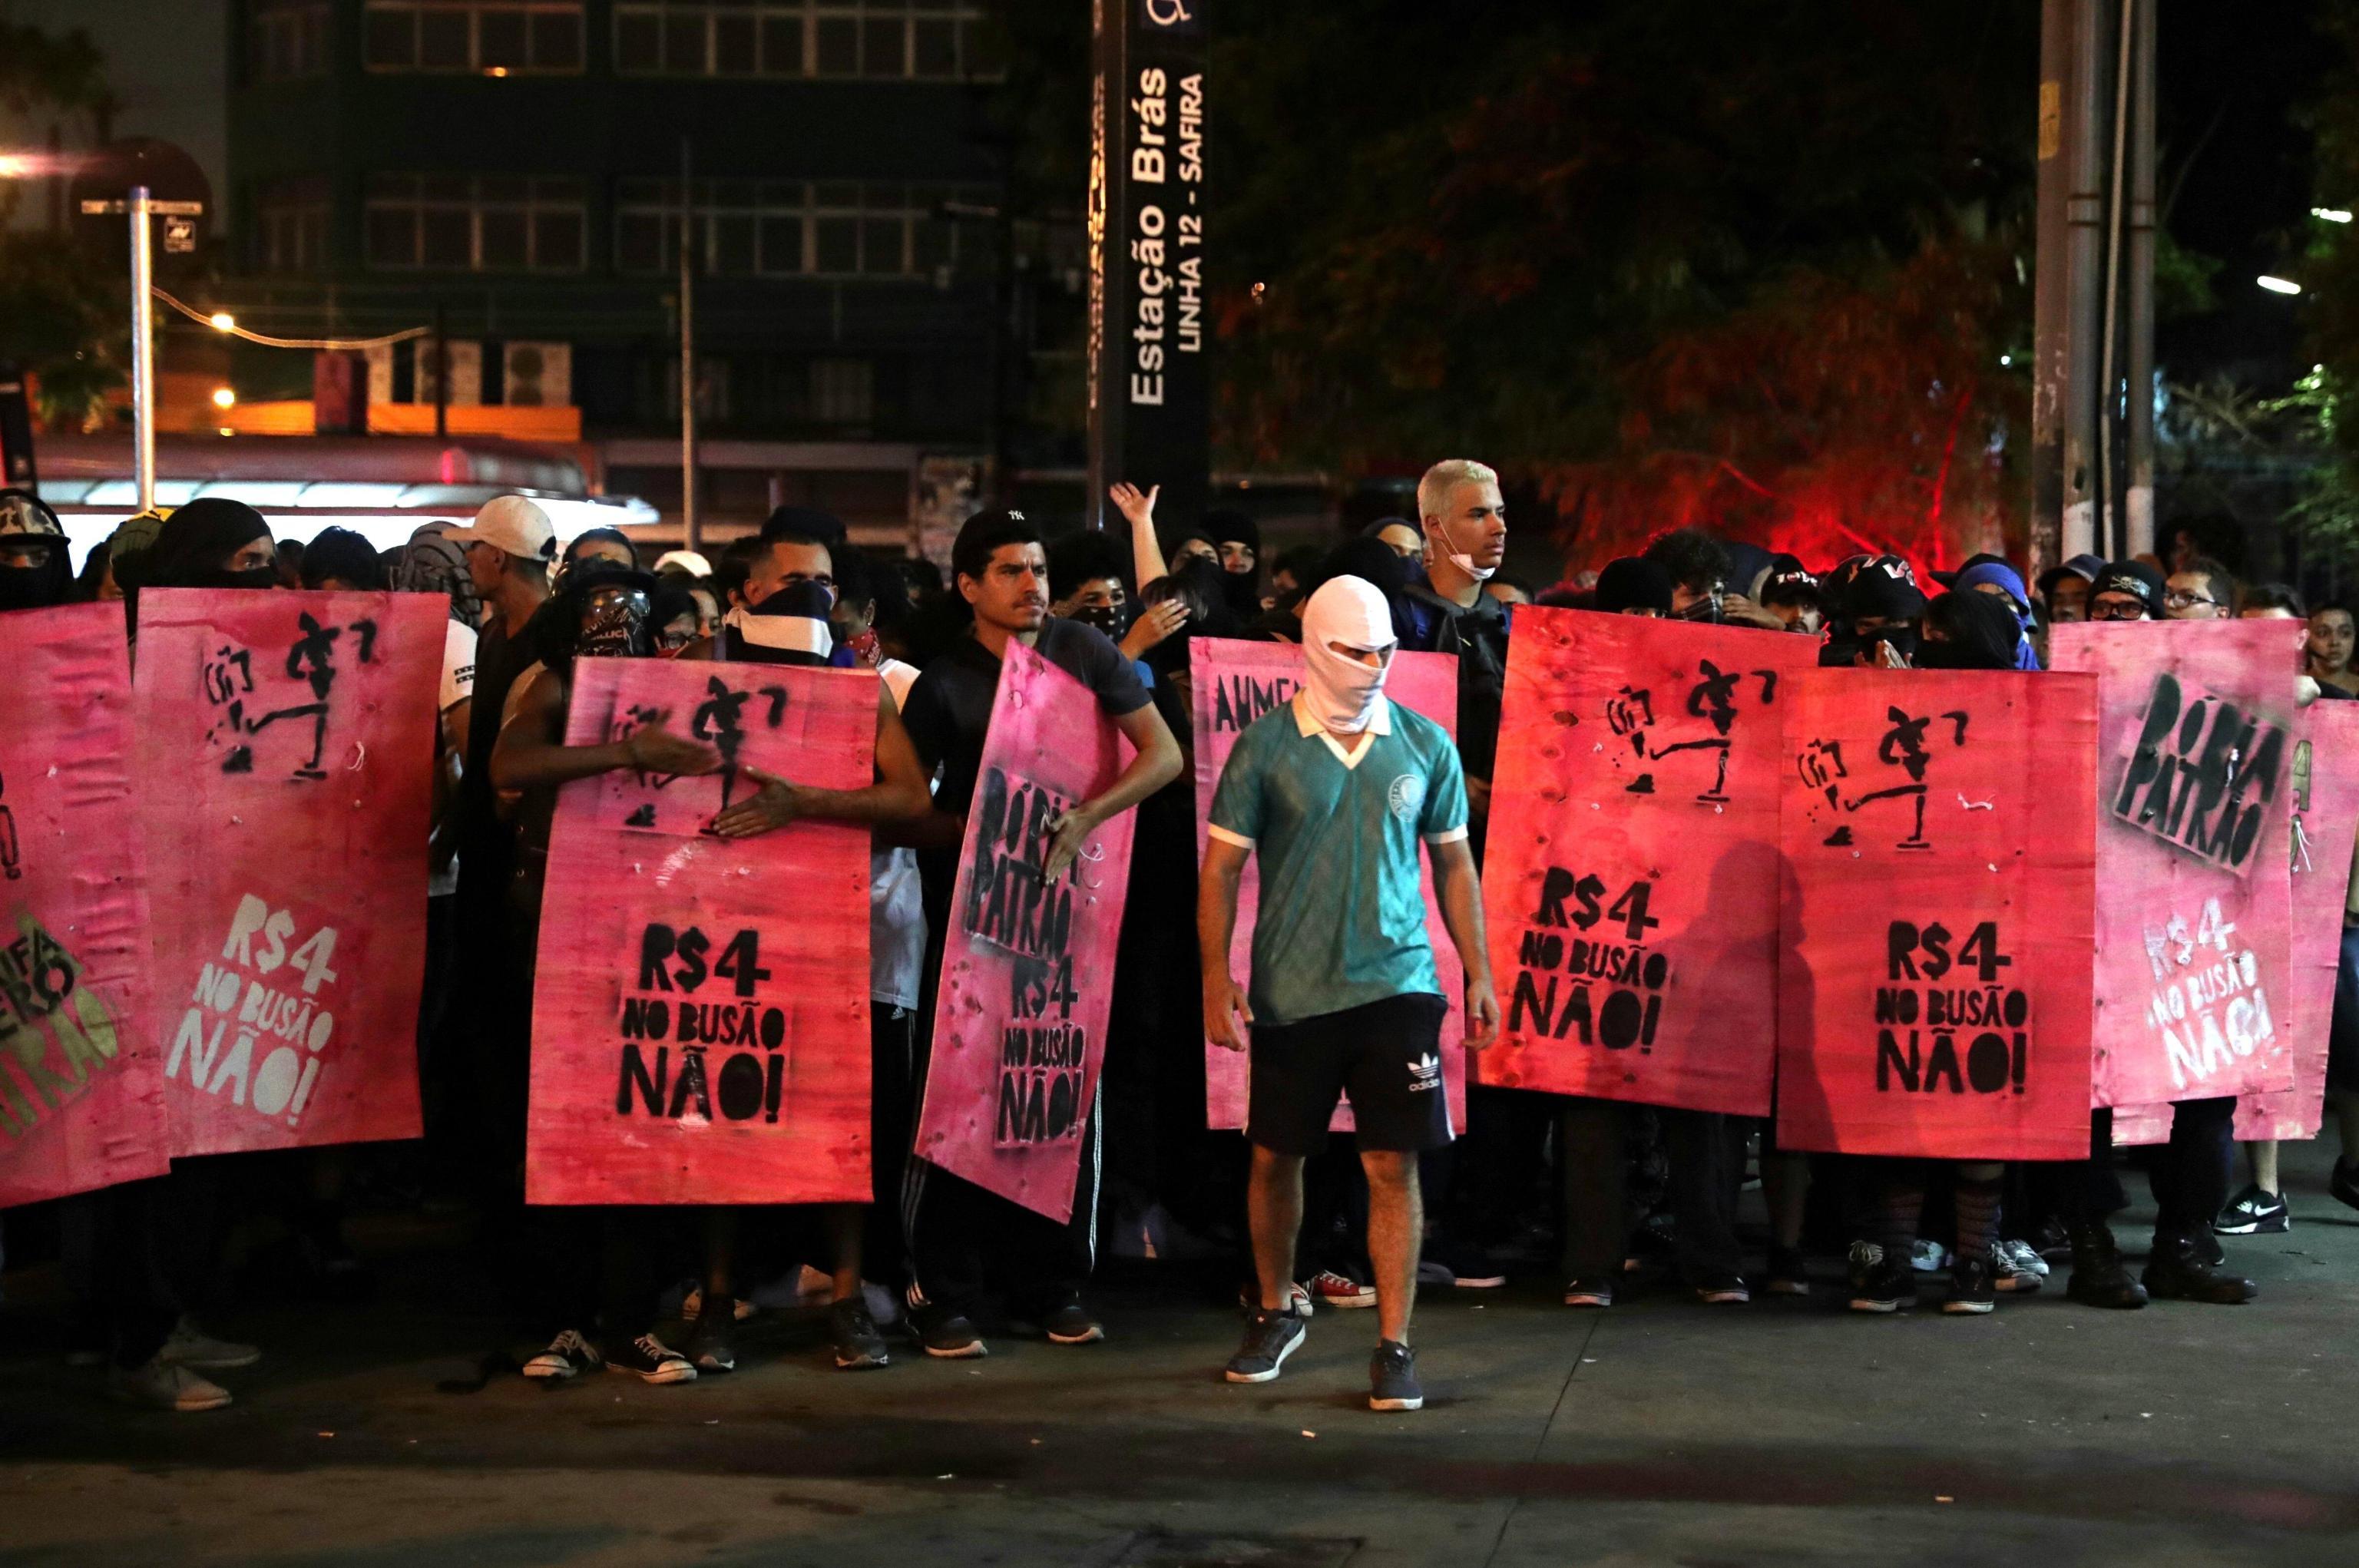 La testa del corteo, guidata da un manifestante con il volto coperto